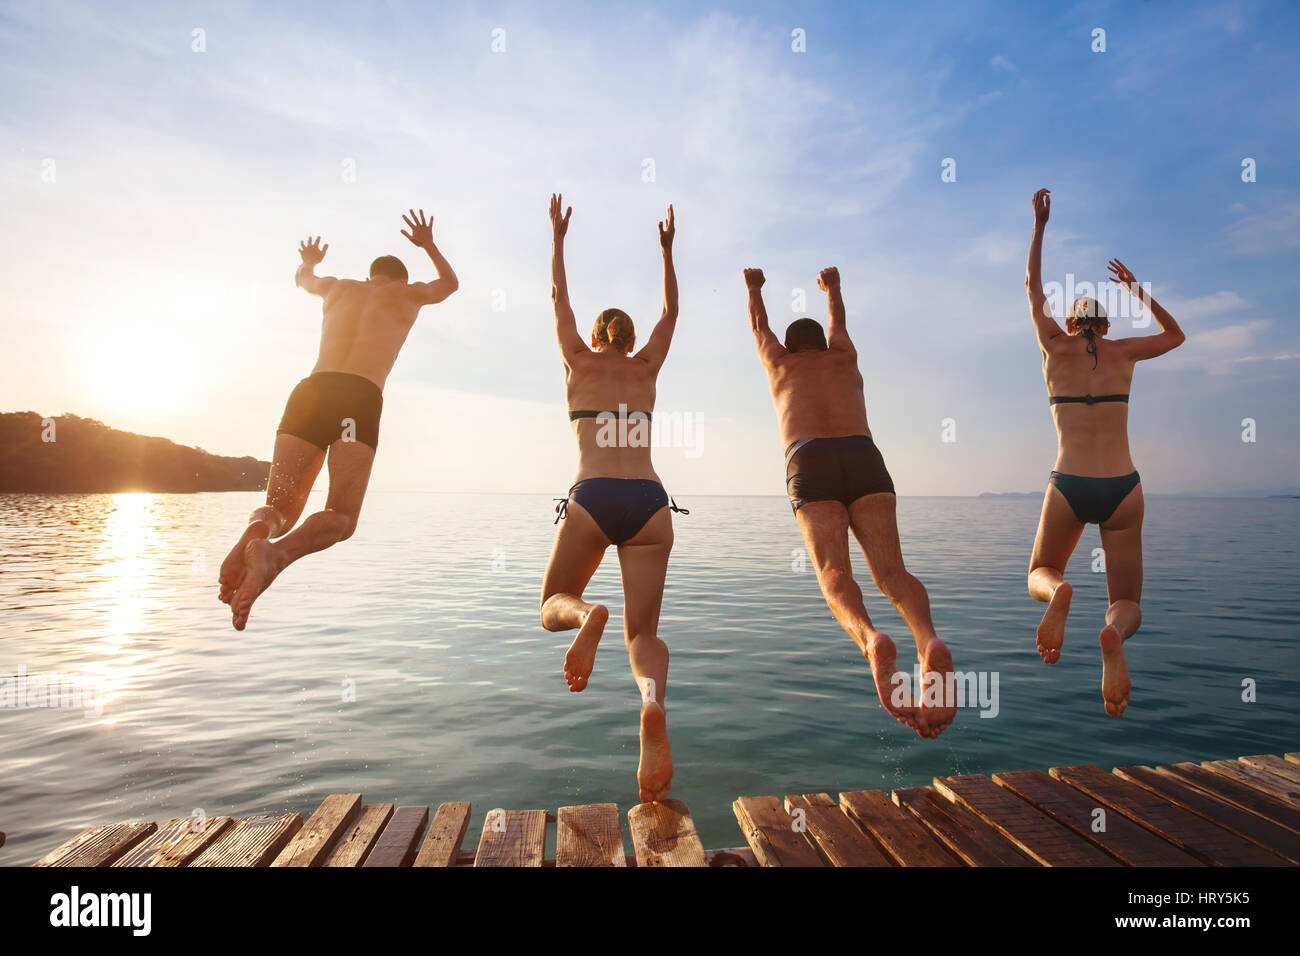 Gruppo di amici jumping al mare dal molo, felici vacanze in spiaggia Immagini Stock